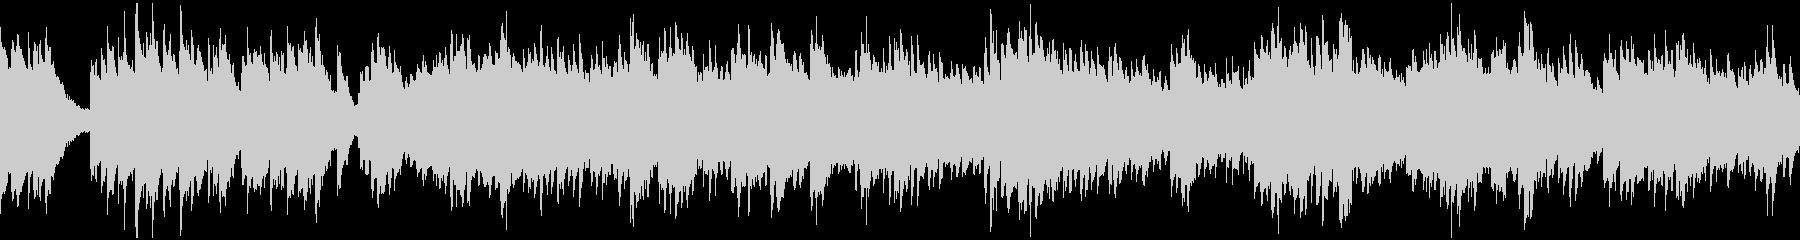 メロ無 ループ バックグラウンド・ピアノの未再生の波形